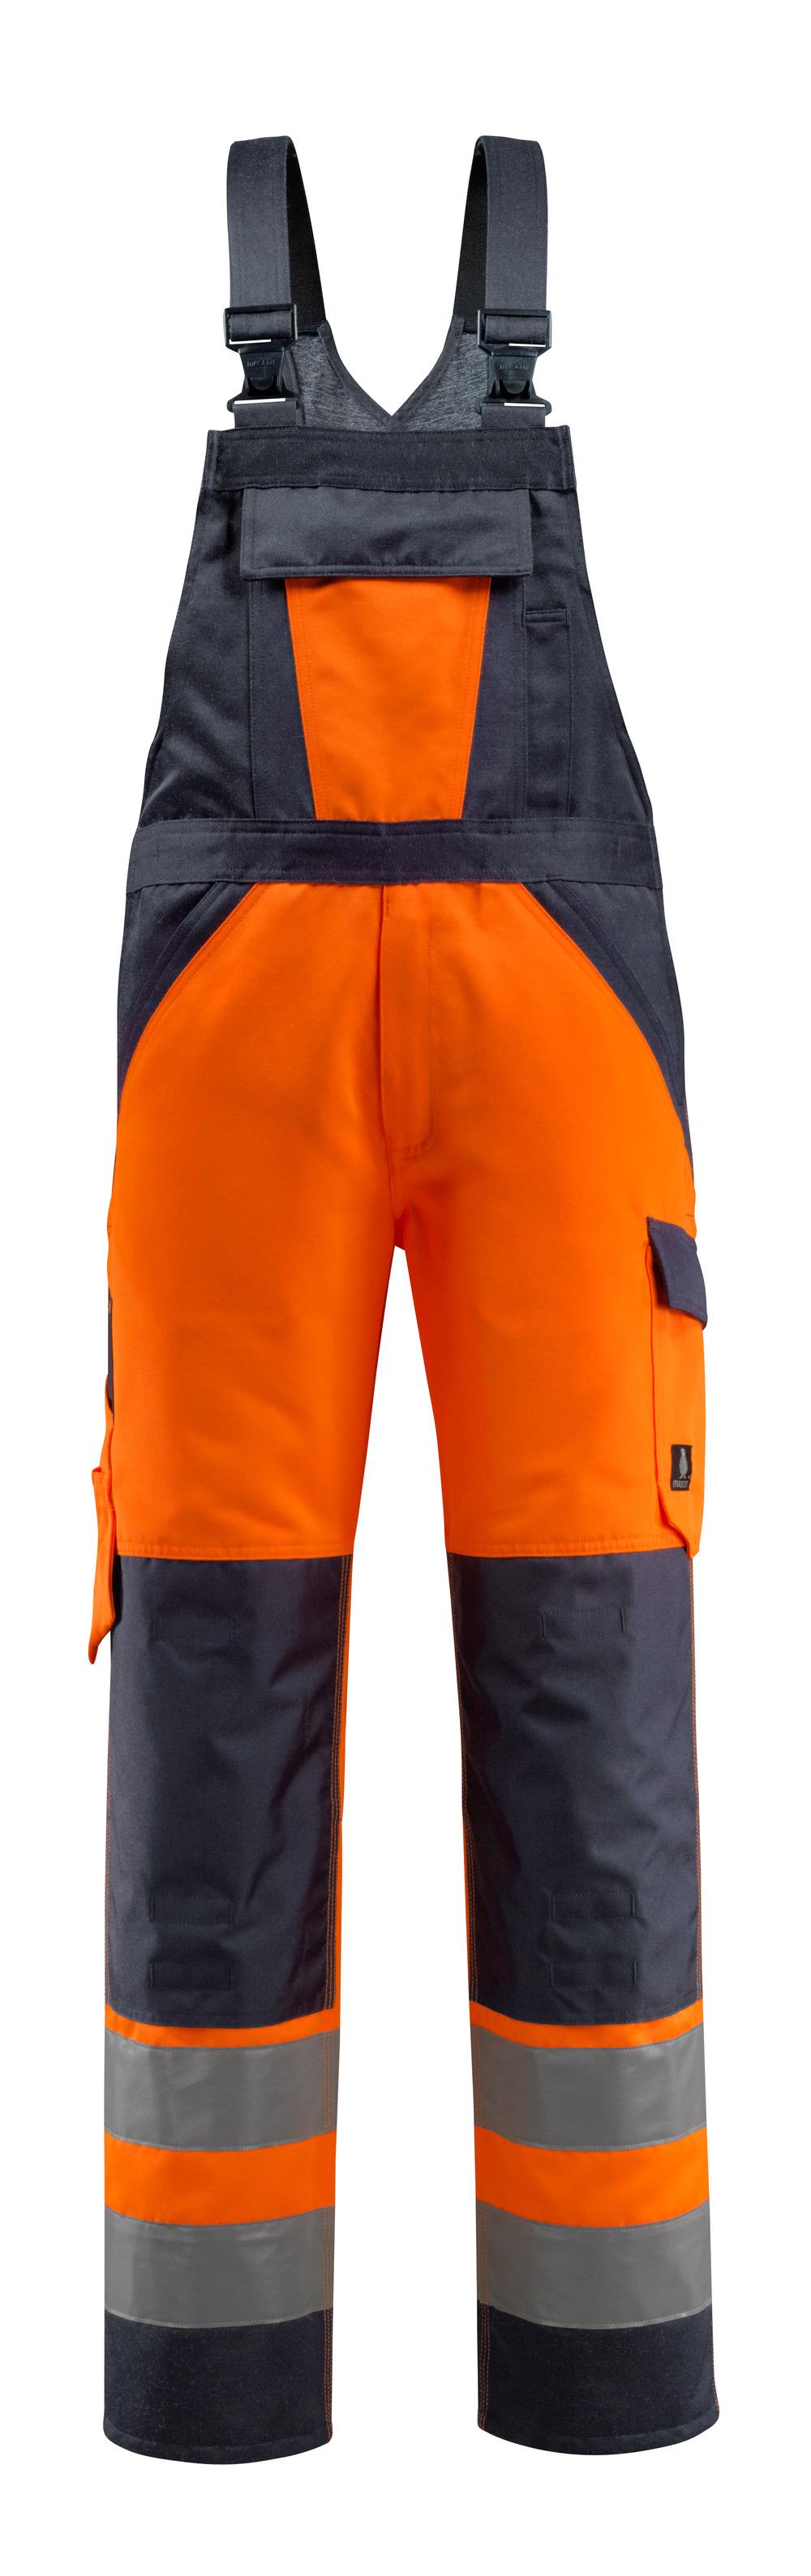 15969-948-14010 Latzhose mit Knietaschen - hi-vis Orange/Schwarzblau